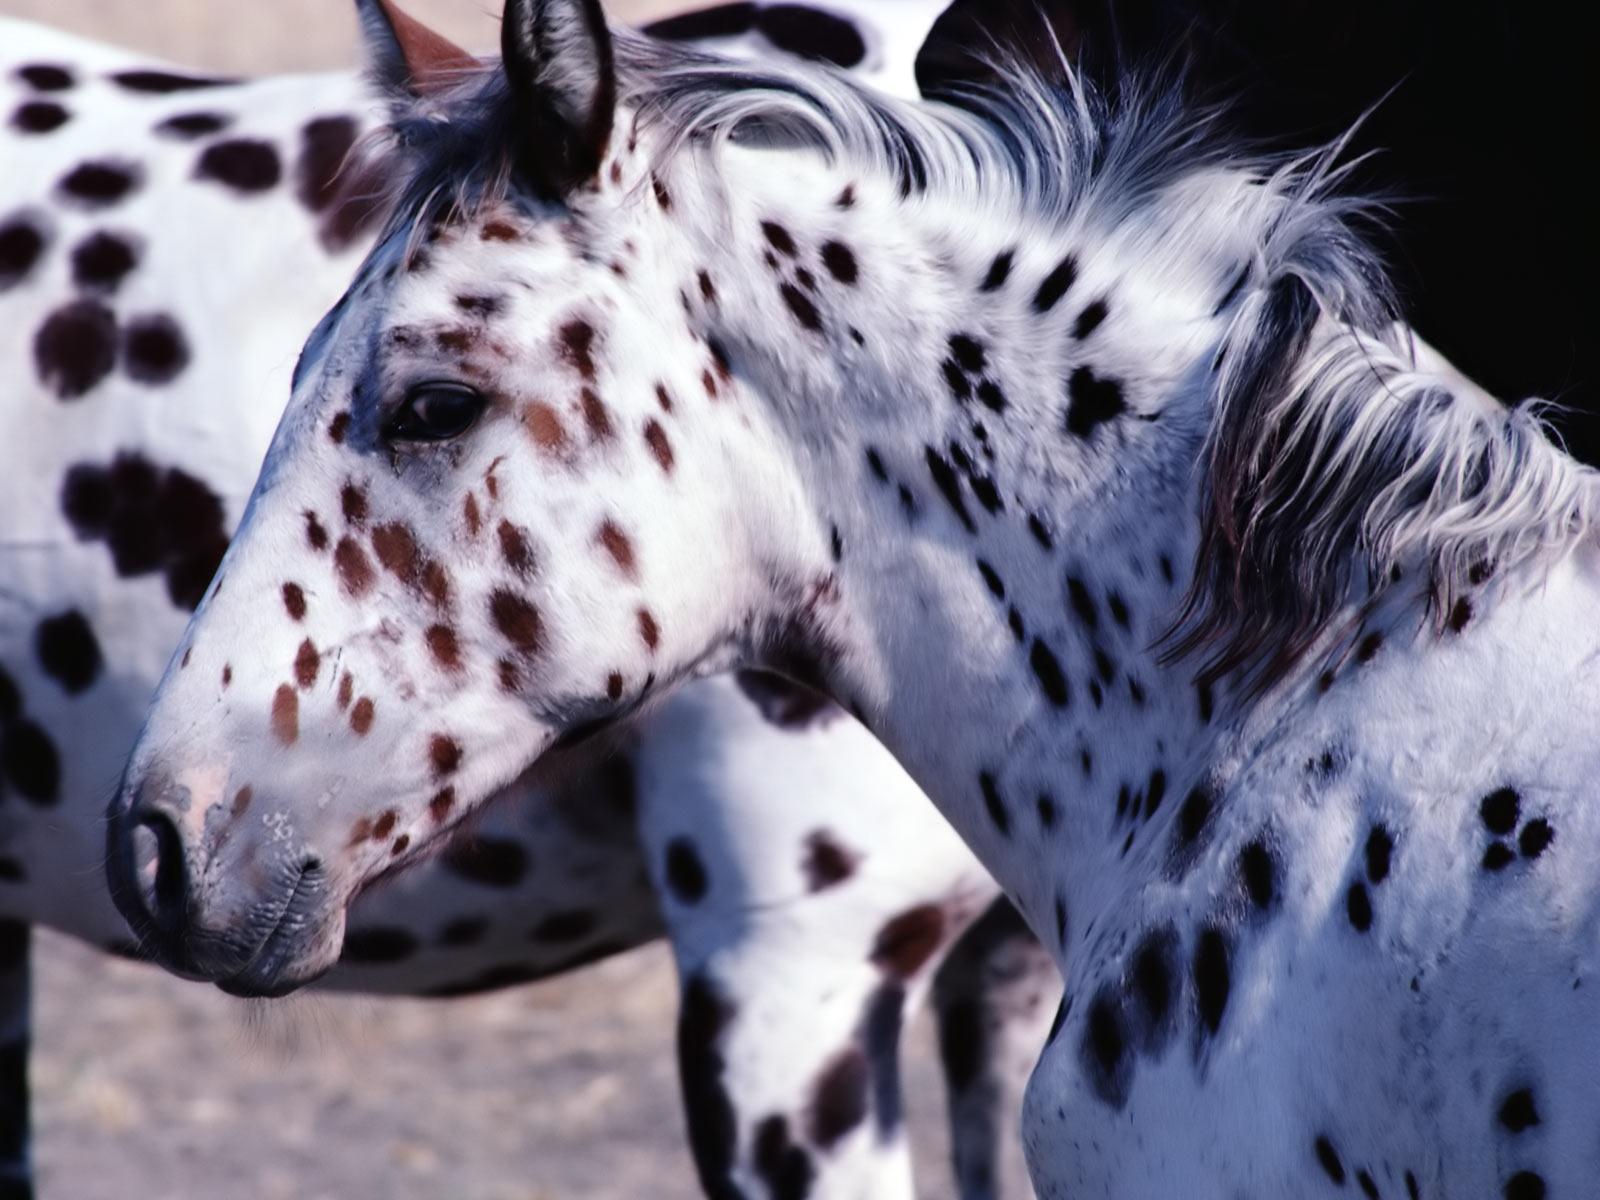 Simple Wallpaper Horse Lightning - the-best-top-desktop-horse-wallpapers-5  Photograph_838995.jpeg